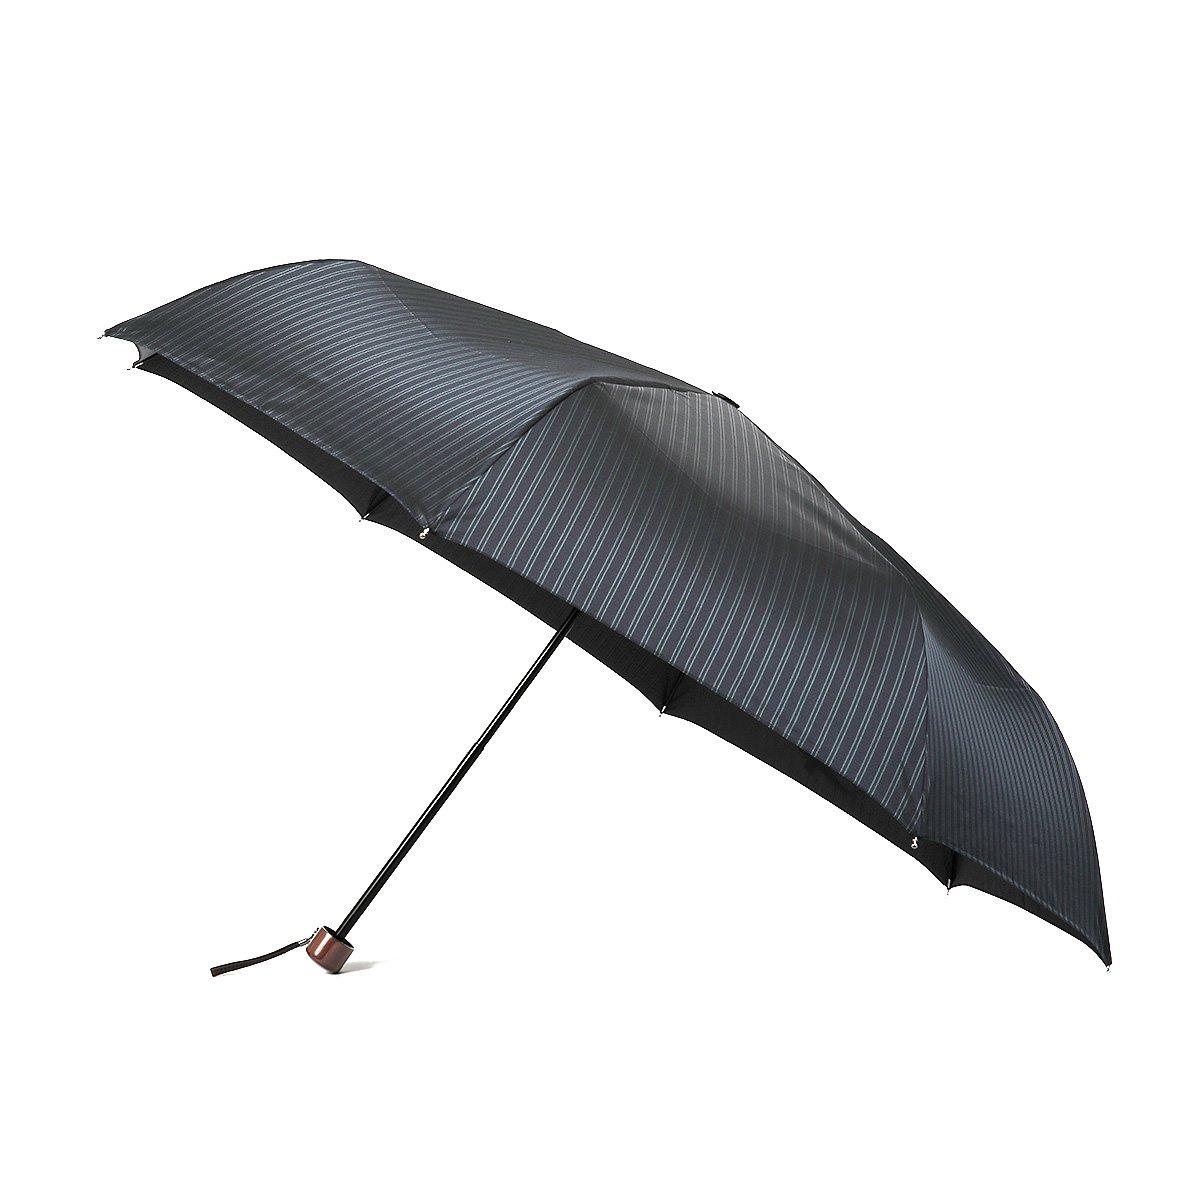 【セール】ダブルストライプ 耐風骨 折りたたみ傘 詳細画像5